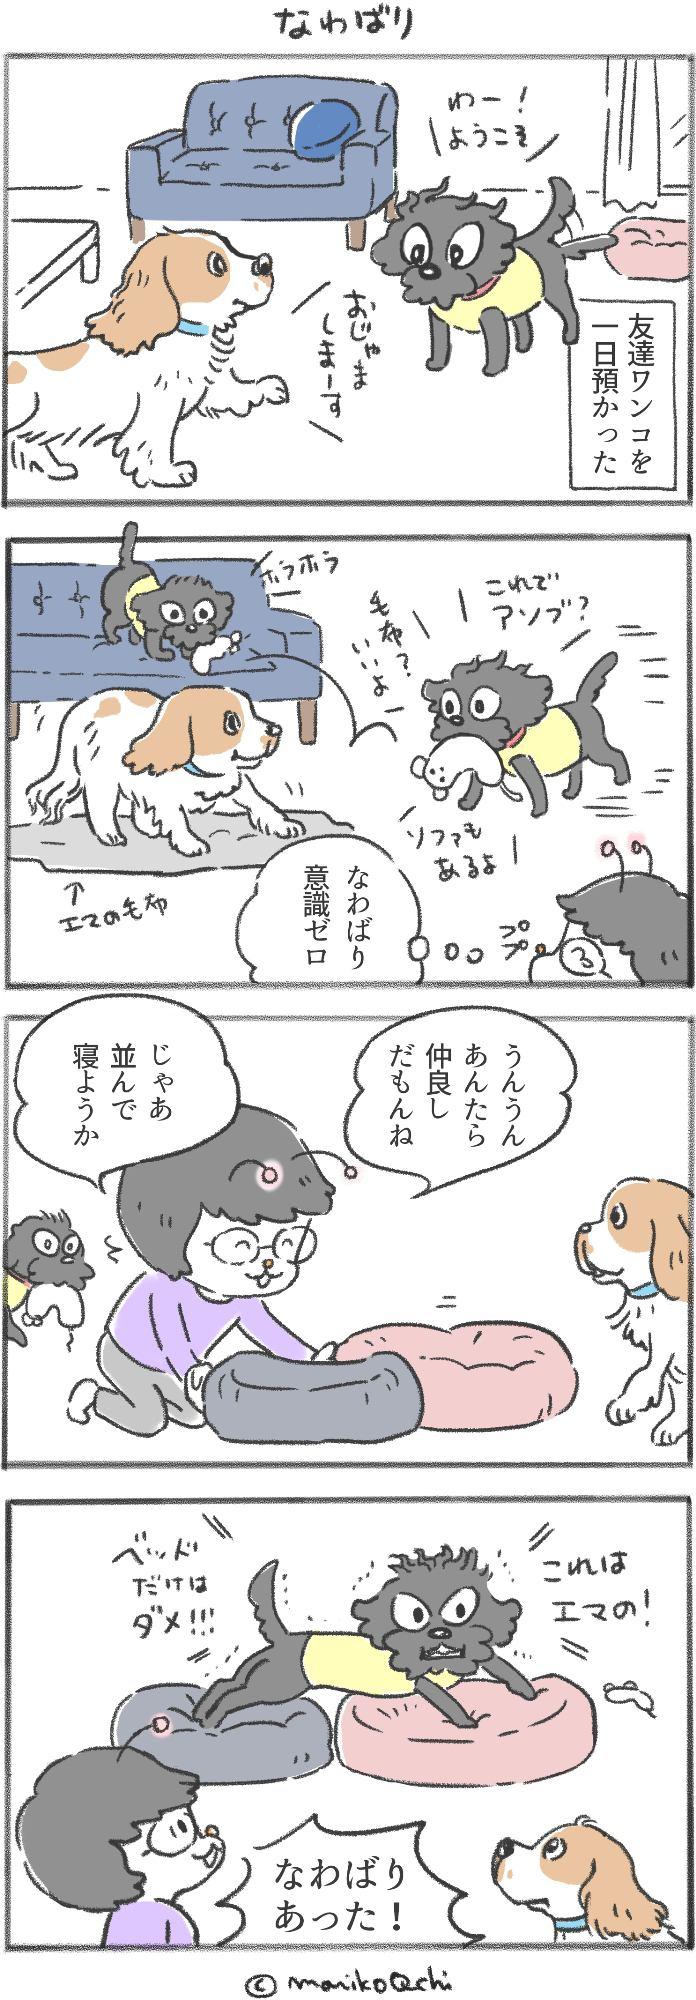 犬と暮らせば第46話